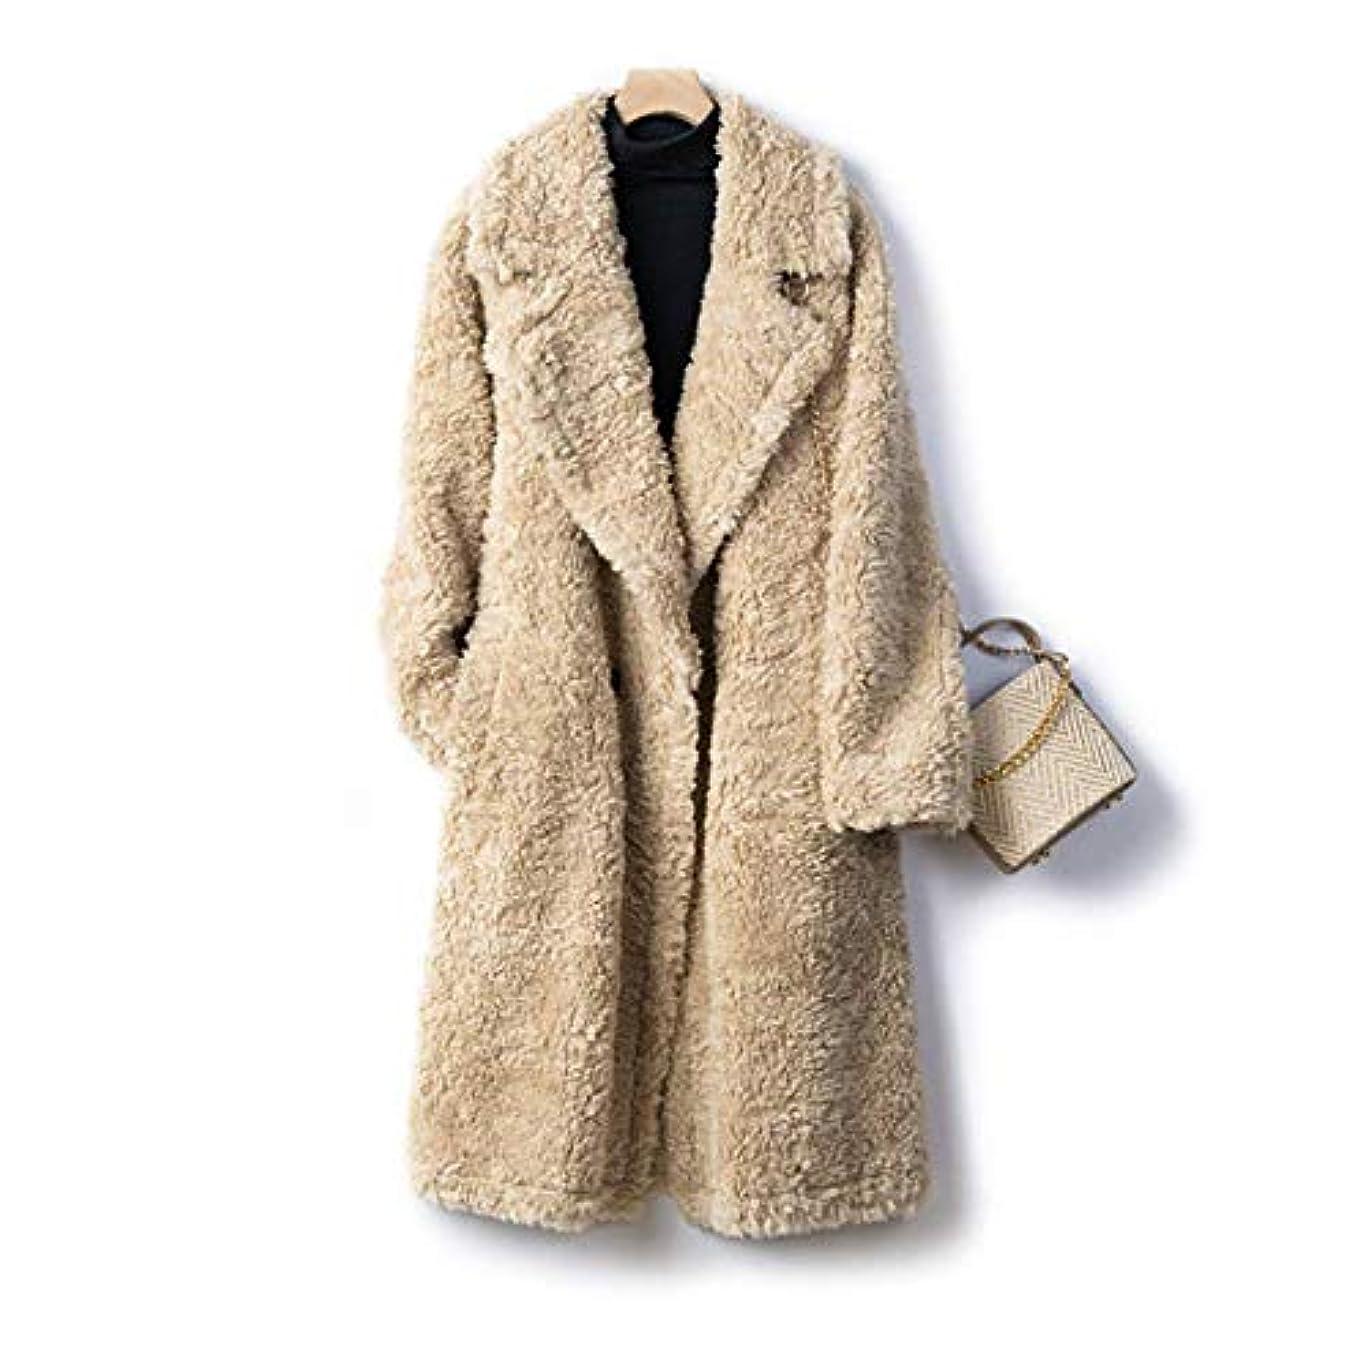 ラジエーターチャレンジフレキシブル厚いウールのコート、女性のコートレディースウインドブレーカージャケット厚い羊のせん断顆粒ロングコートの女性のウールコート19秋と冬の婦人服,A,M